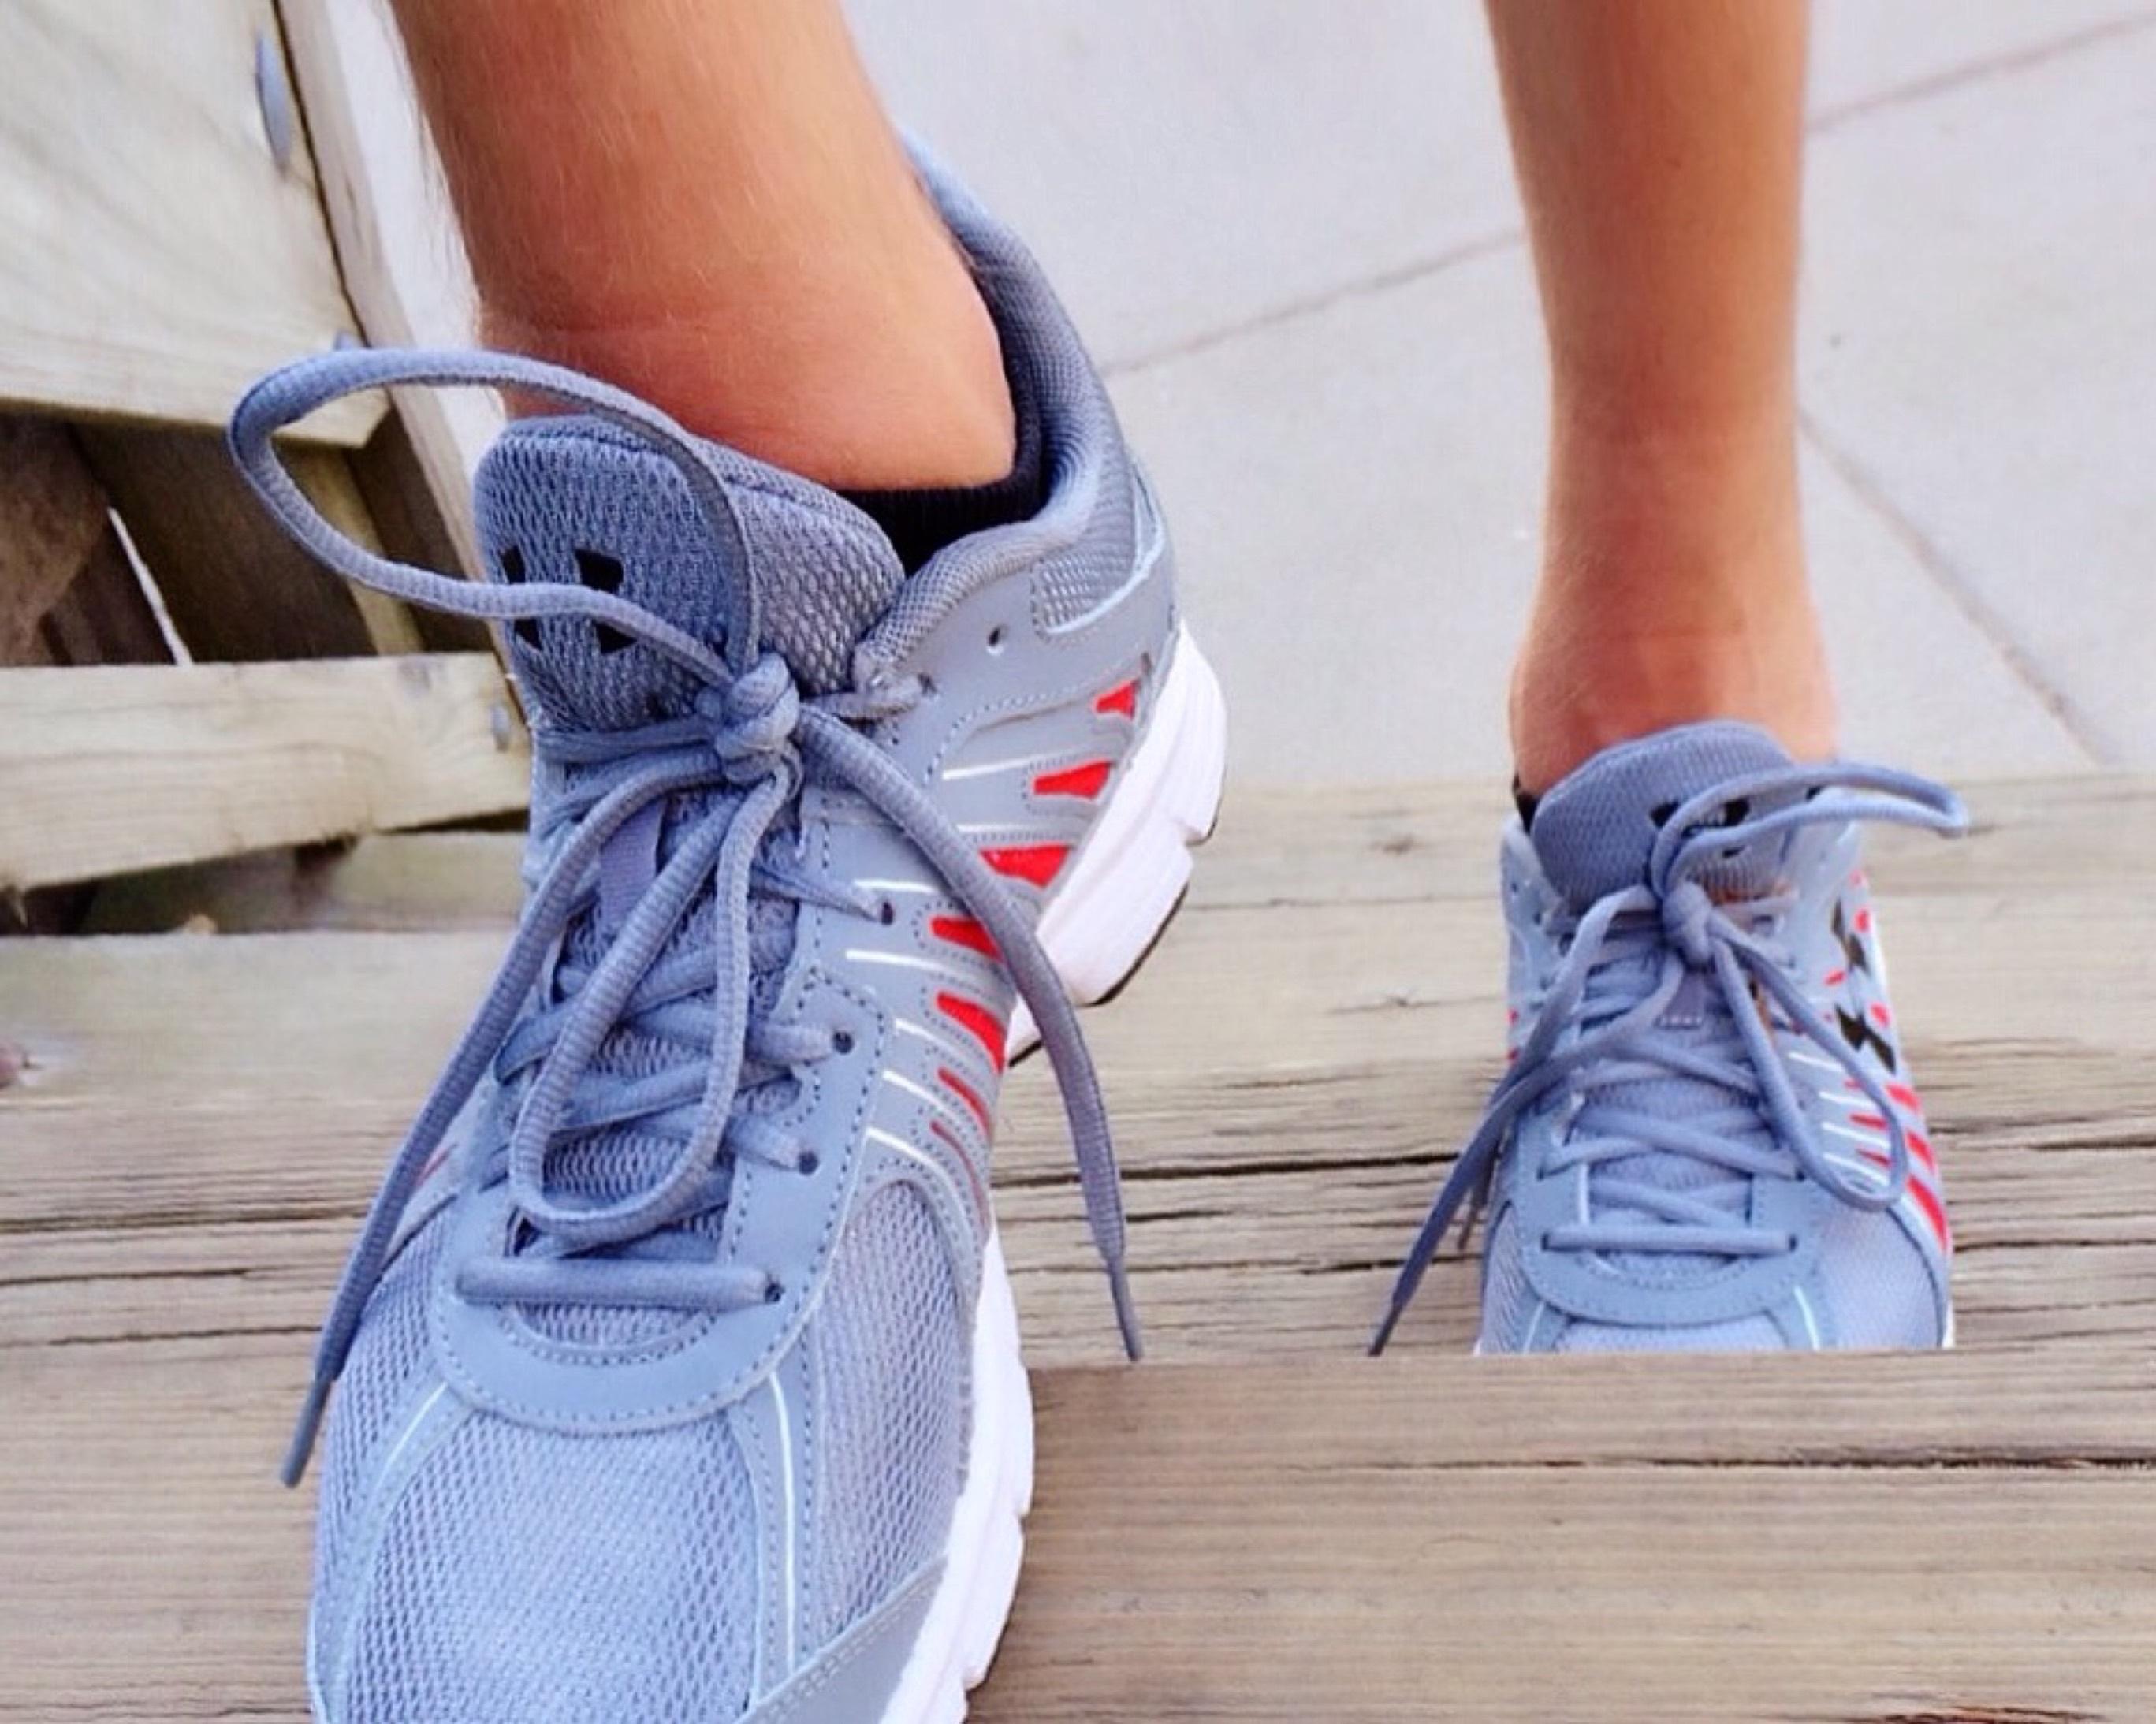 Yüksek Topuklar Sağlıklı mı